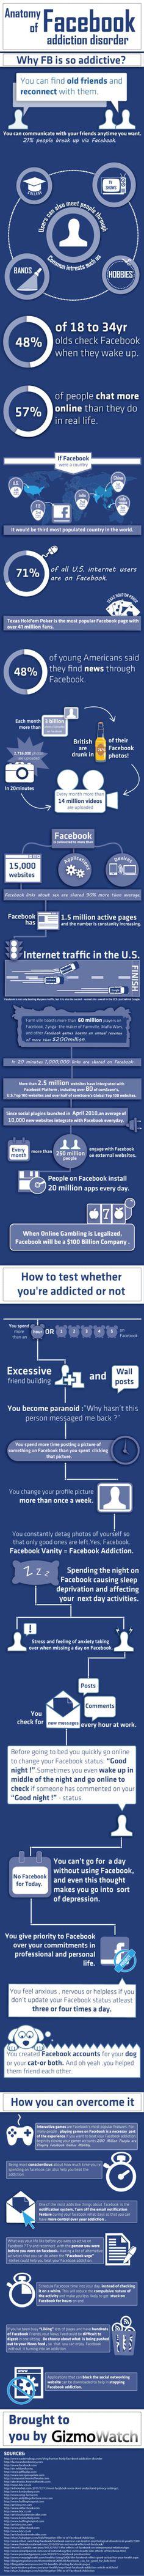 Anatomía de la adicción a FaceBook